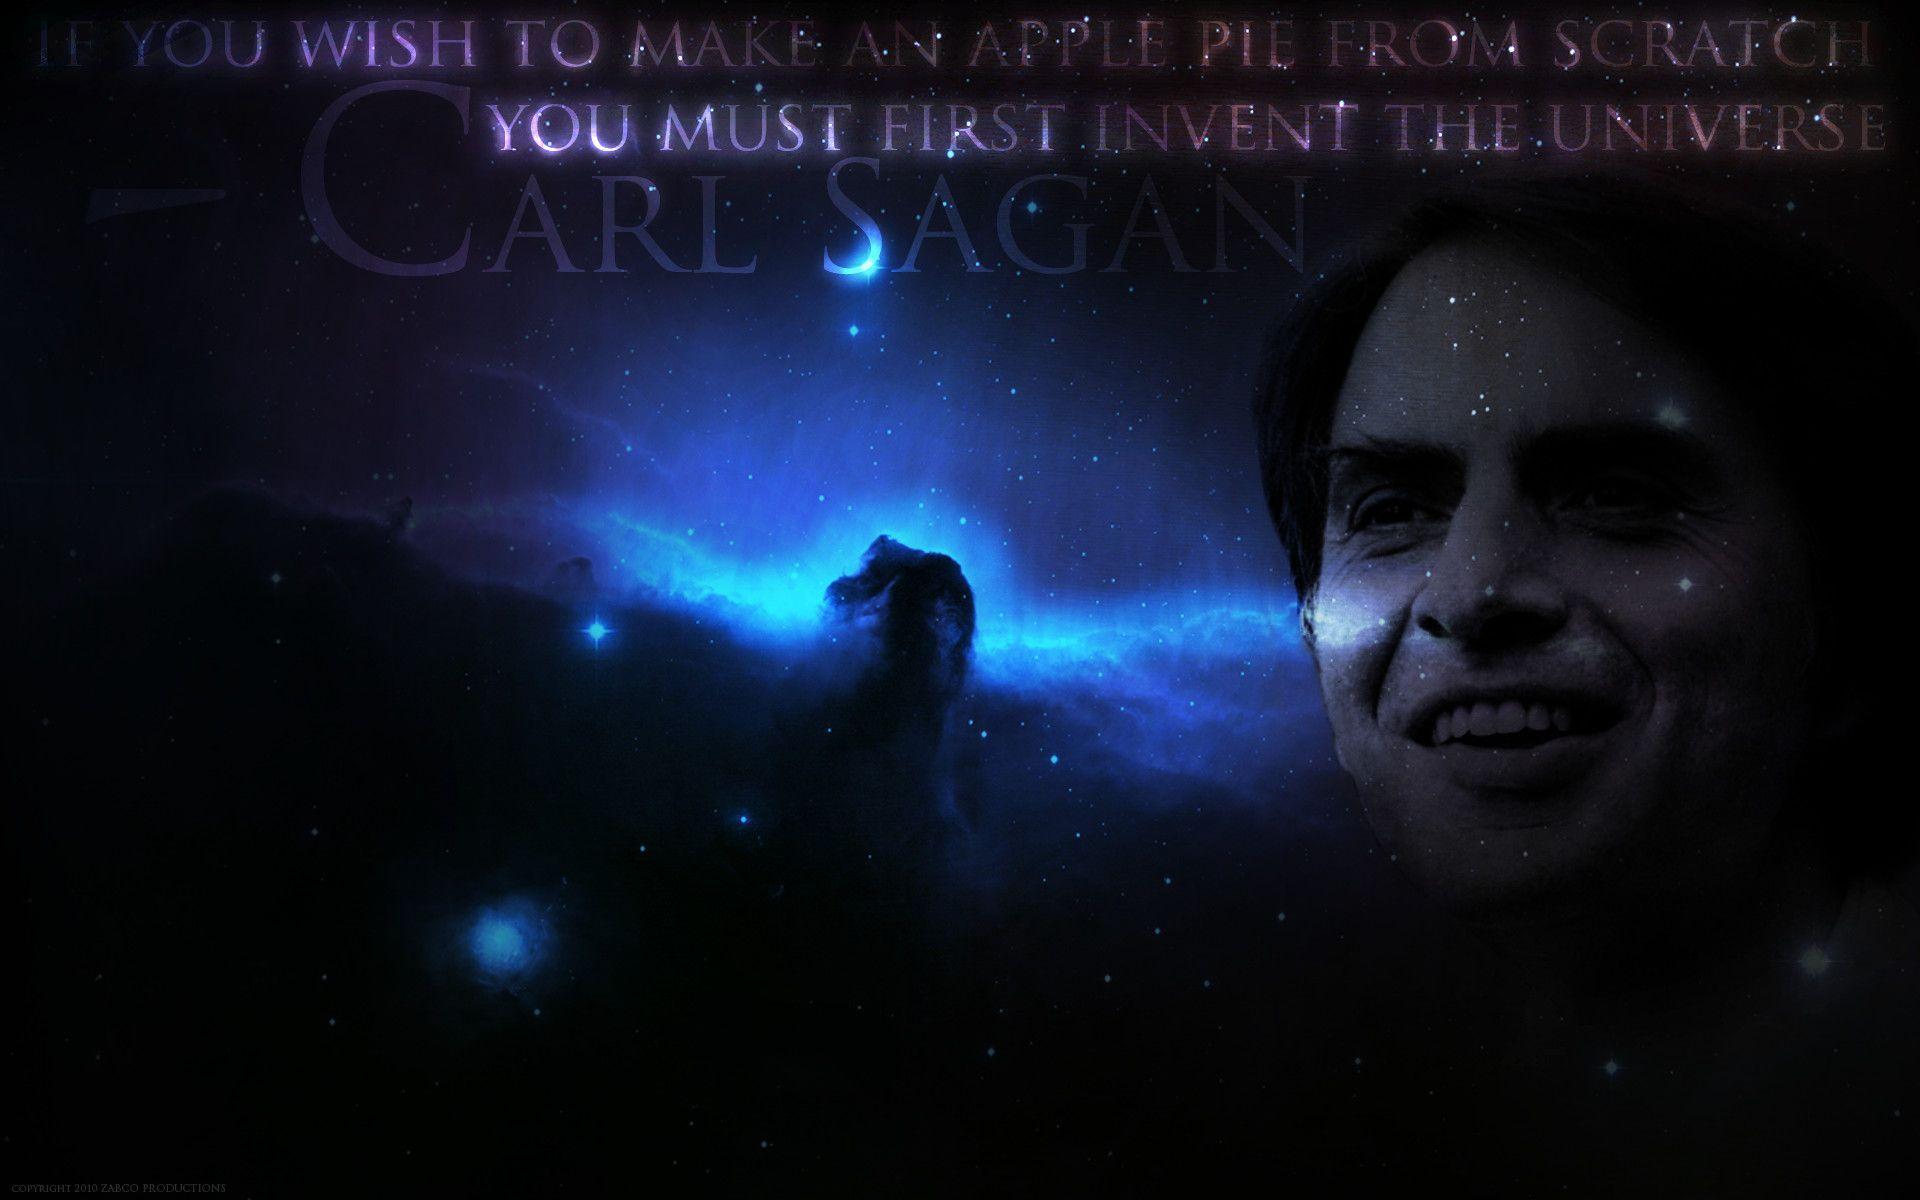 Carl Sagan Wallpapers Top Free Carl Sagan Backgrounds